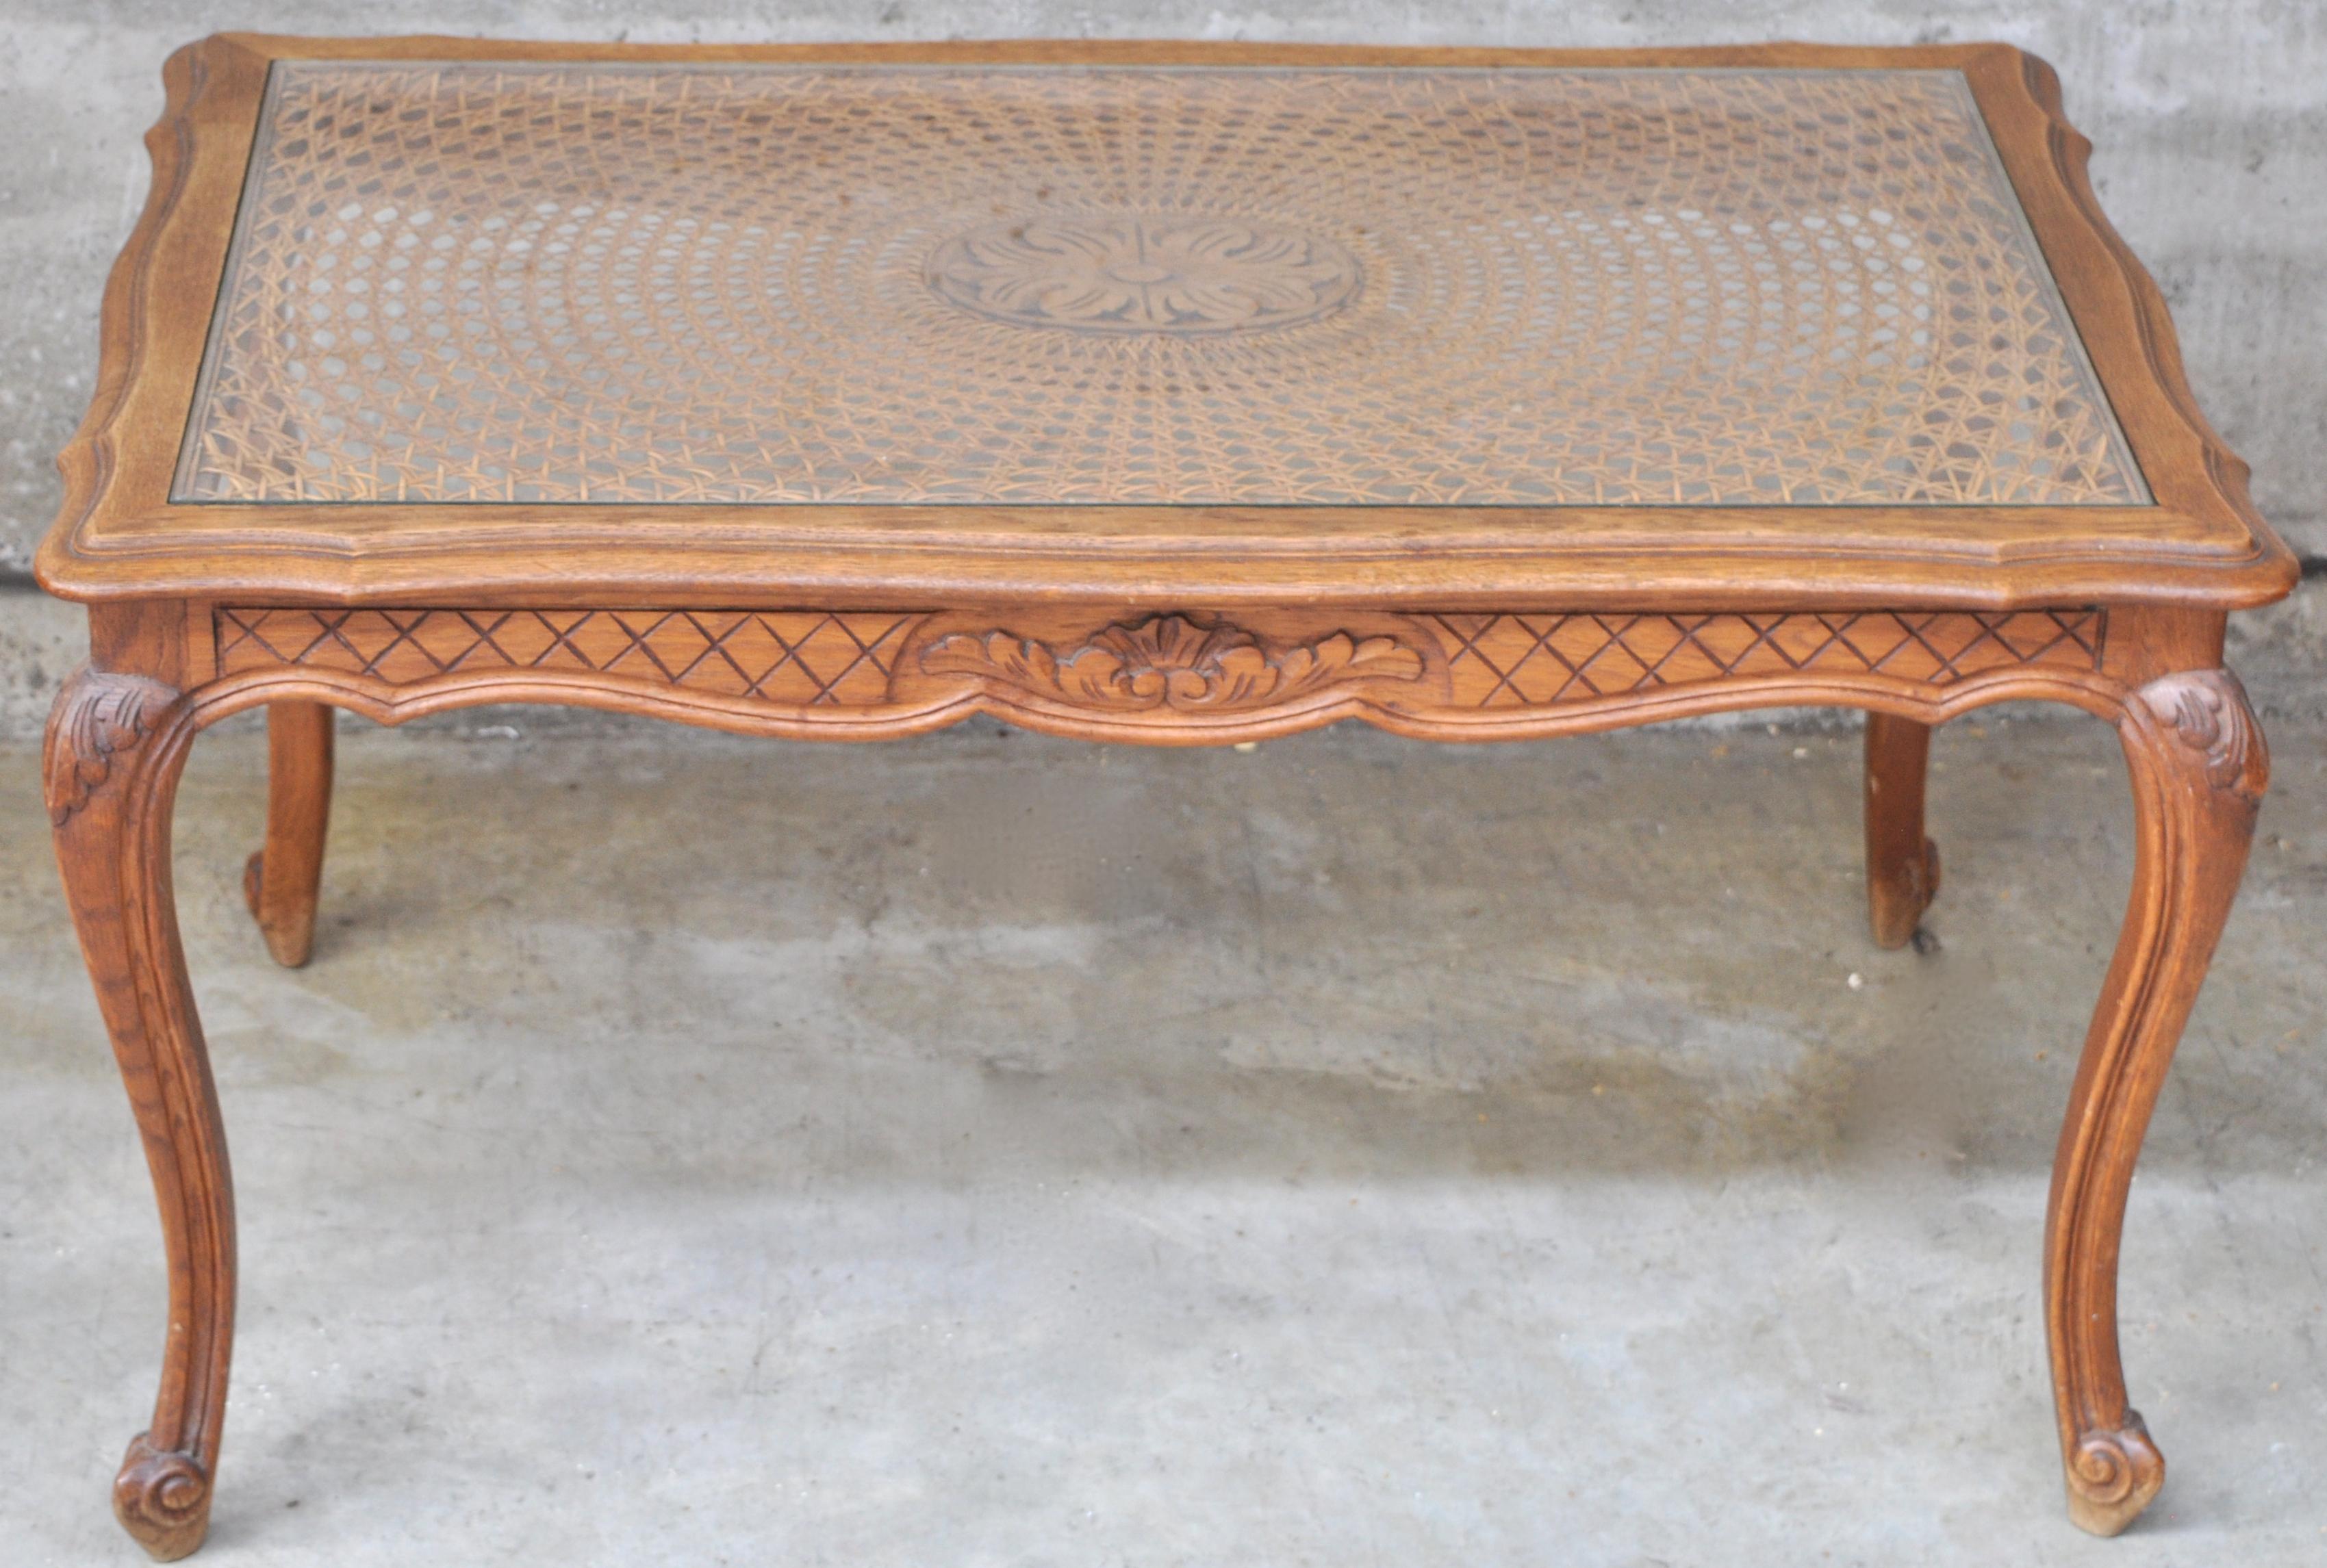 Een rechthoekig salontafeltje van gebeeldhouwd eikenhout in lodewijk xv stijl rieten blad onder - Garderobe stijl van lodewijk xv ...